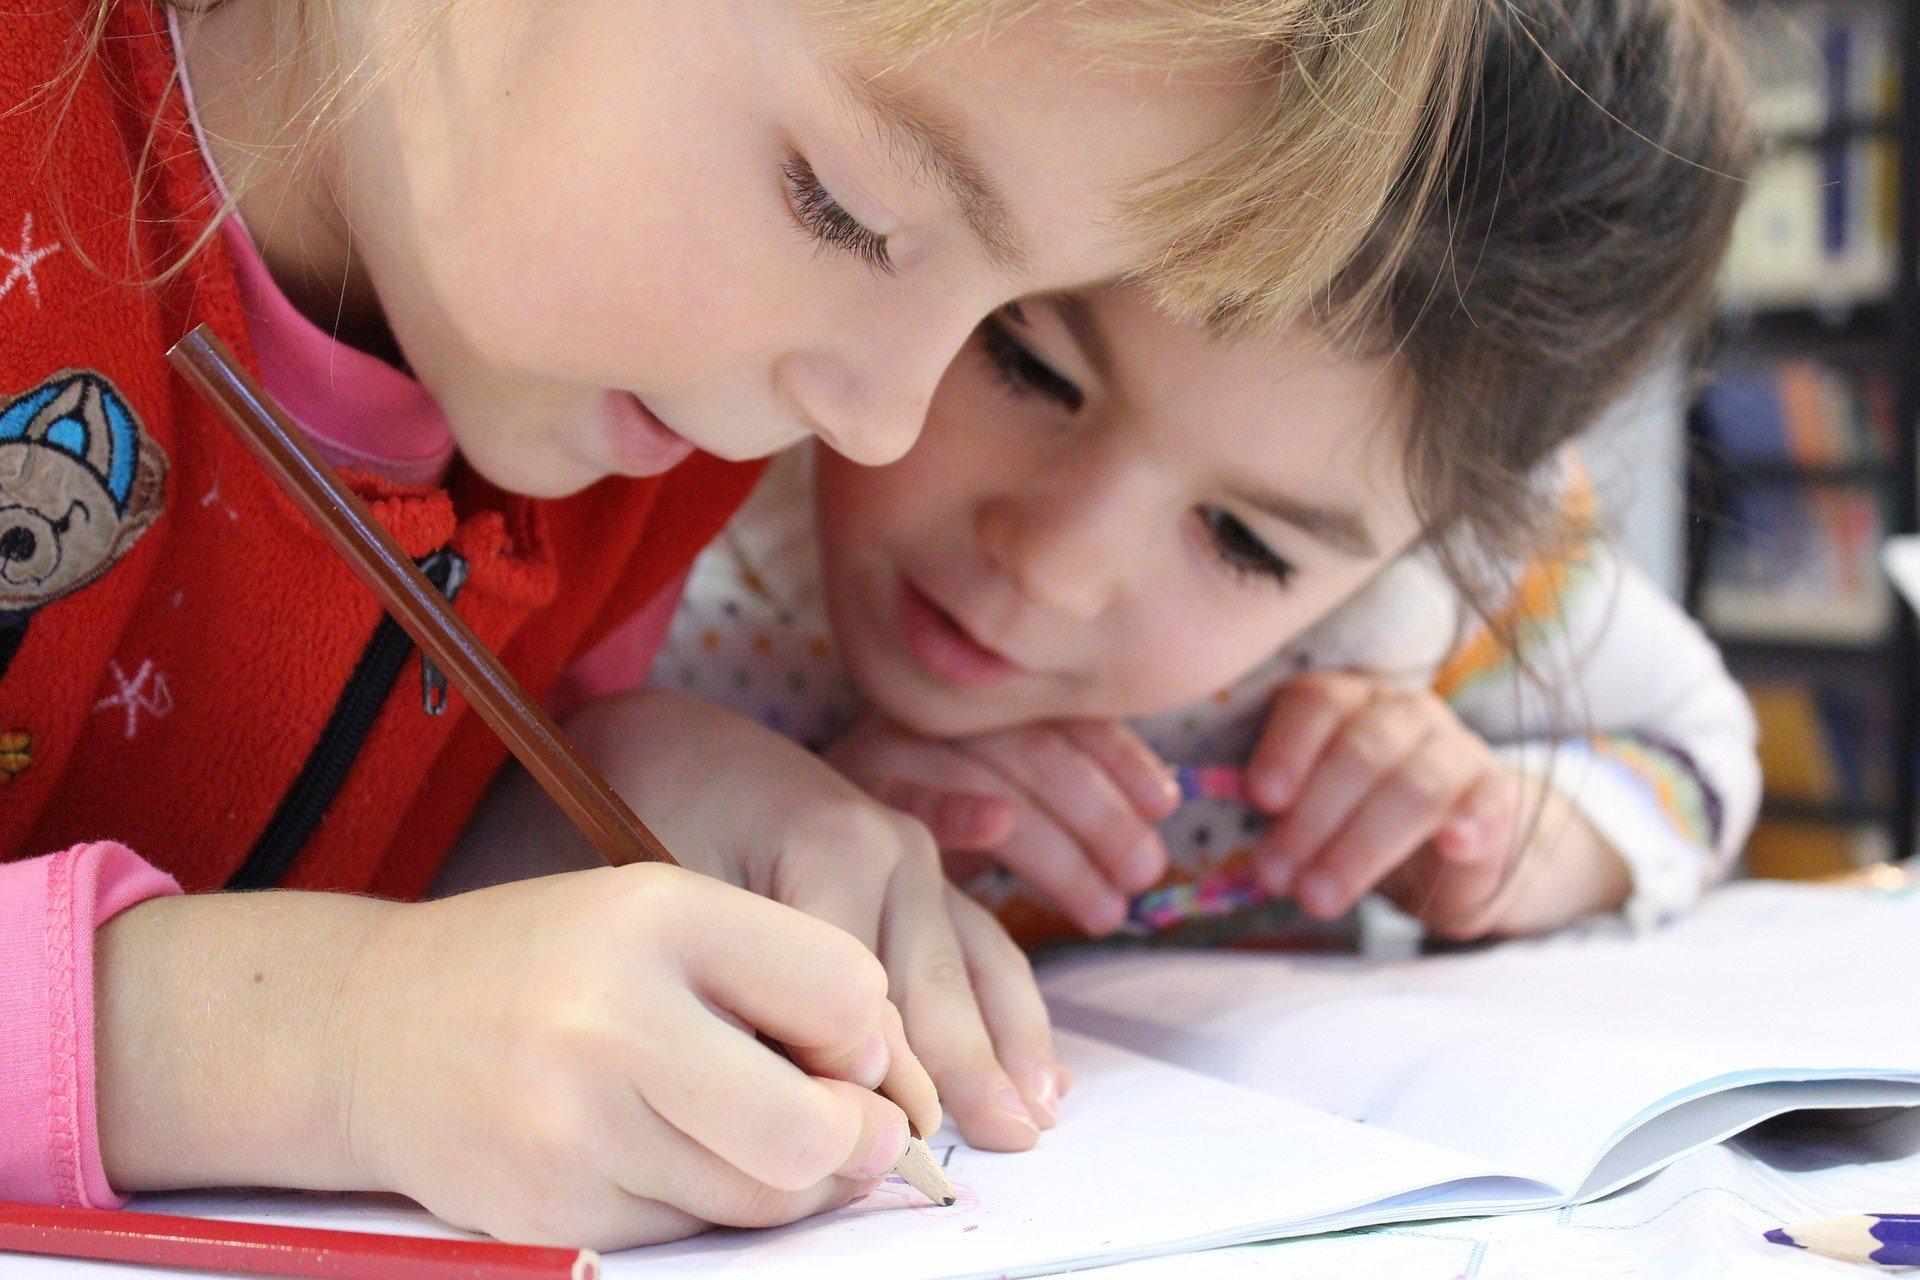 Hulp bij ontwikkeling kind